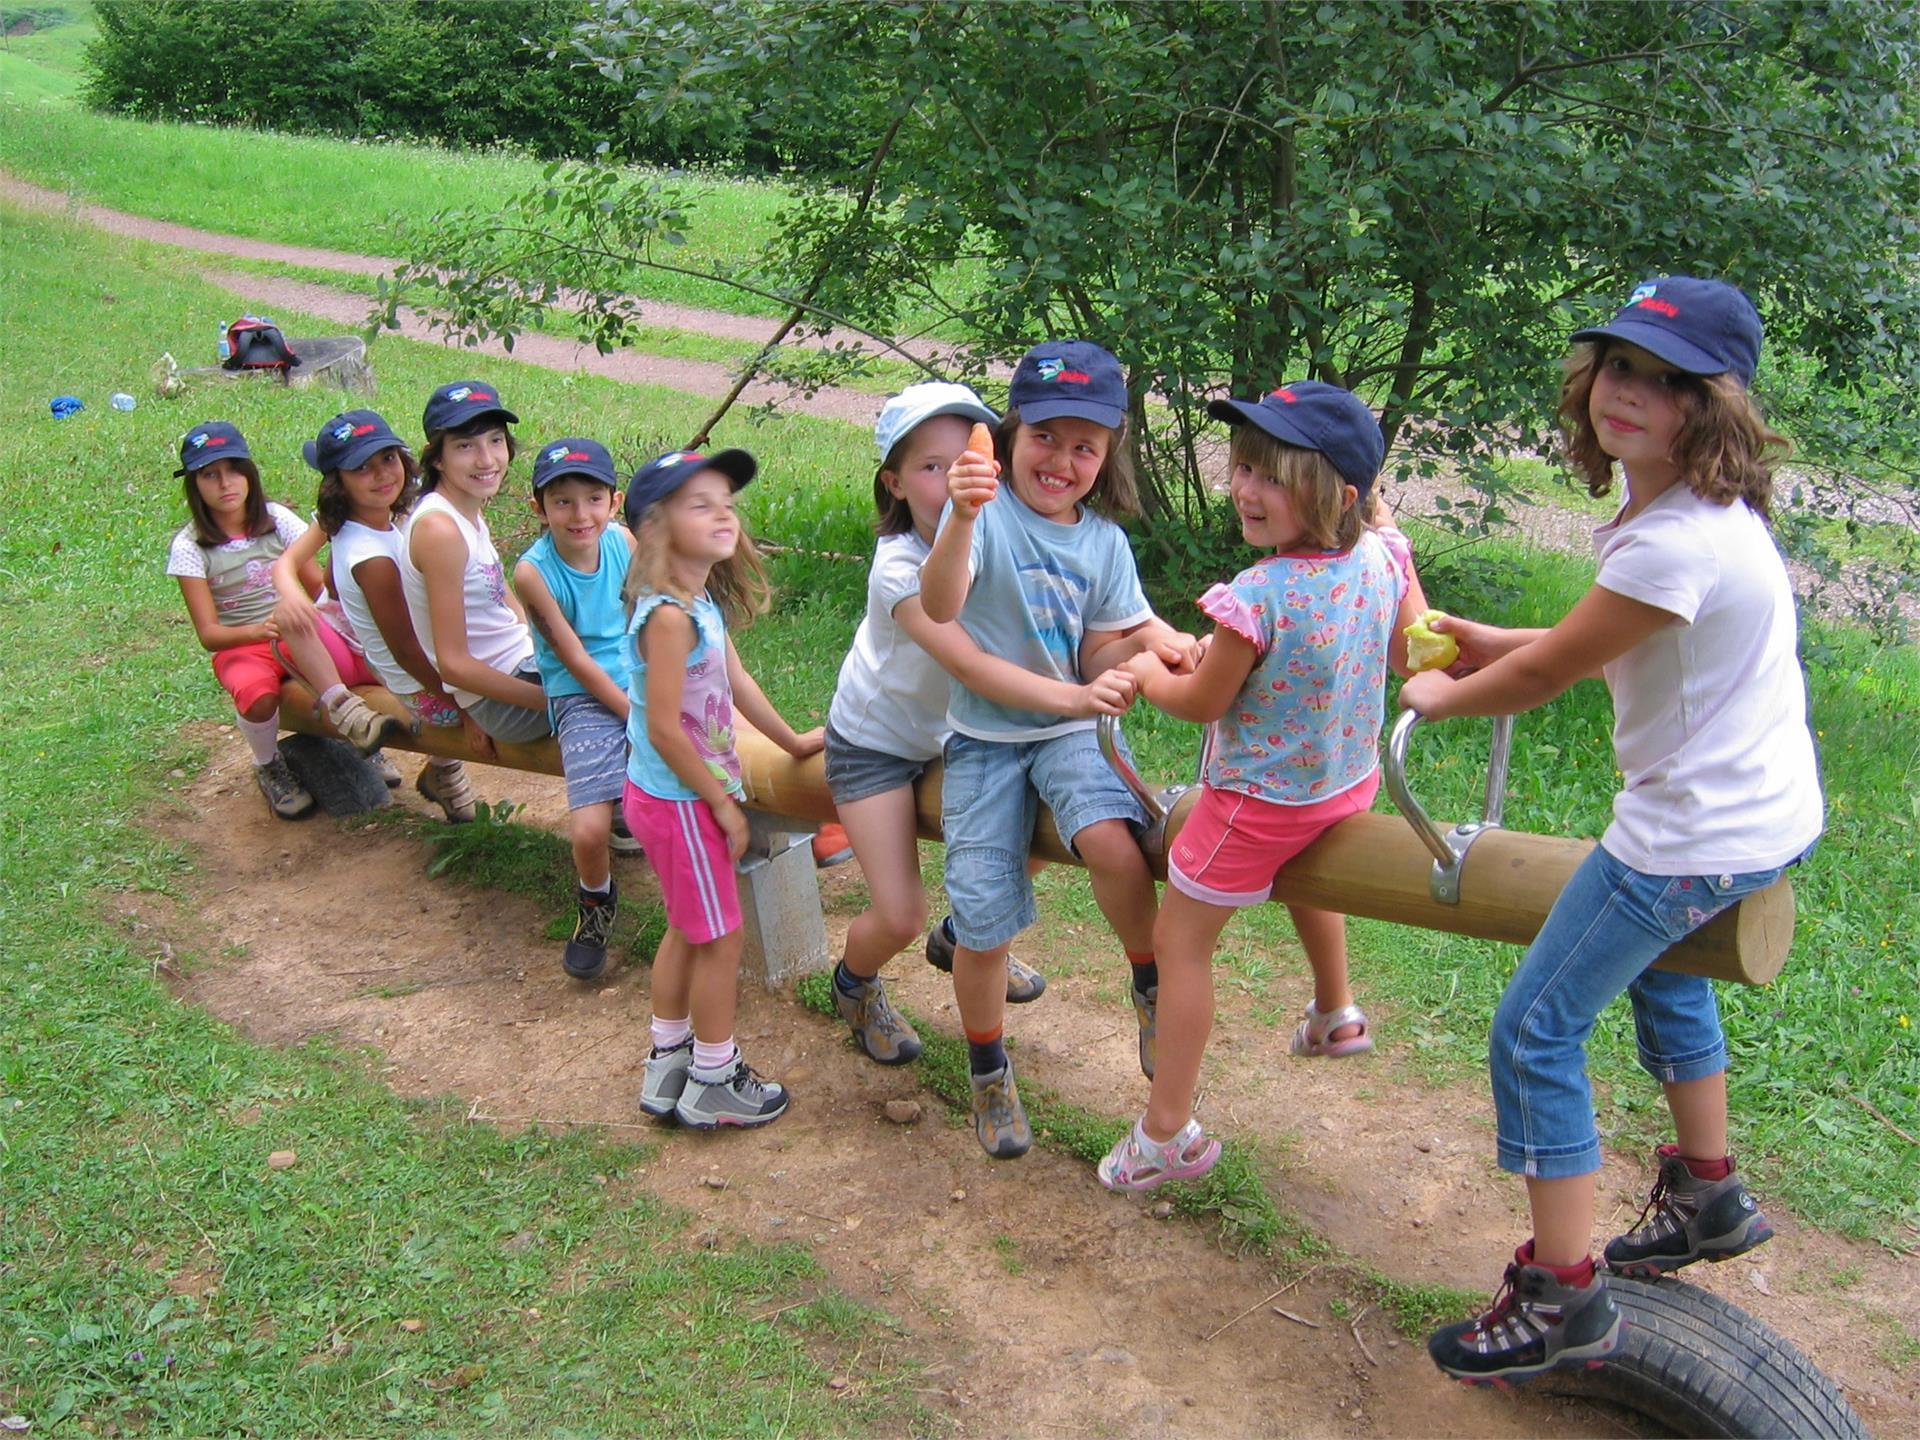 Kinderspielplatz im Wald - Aldein